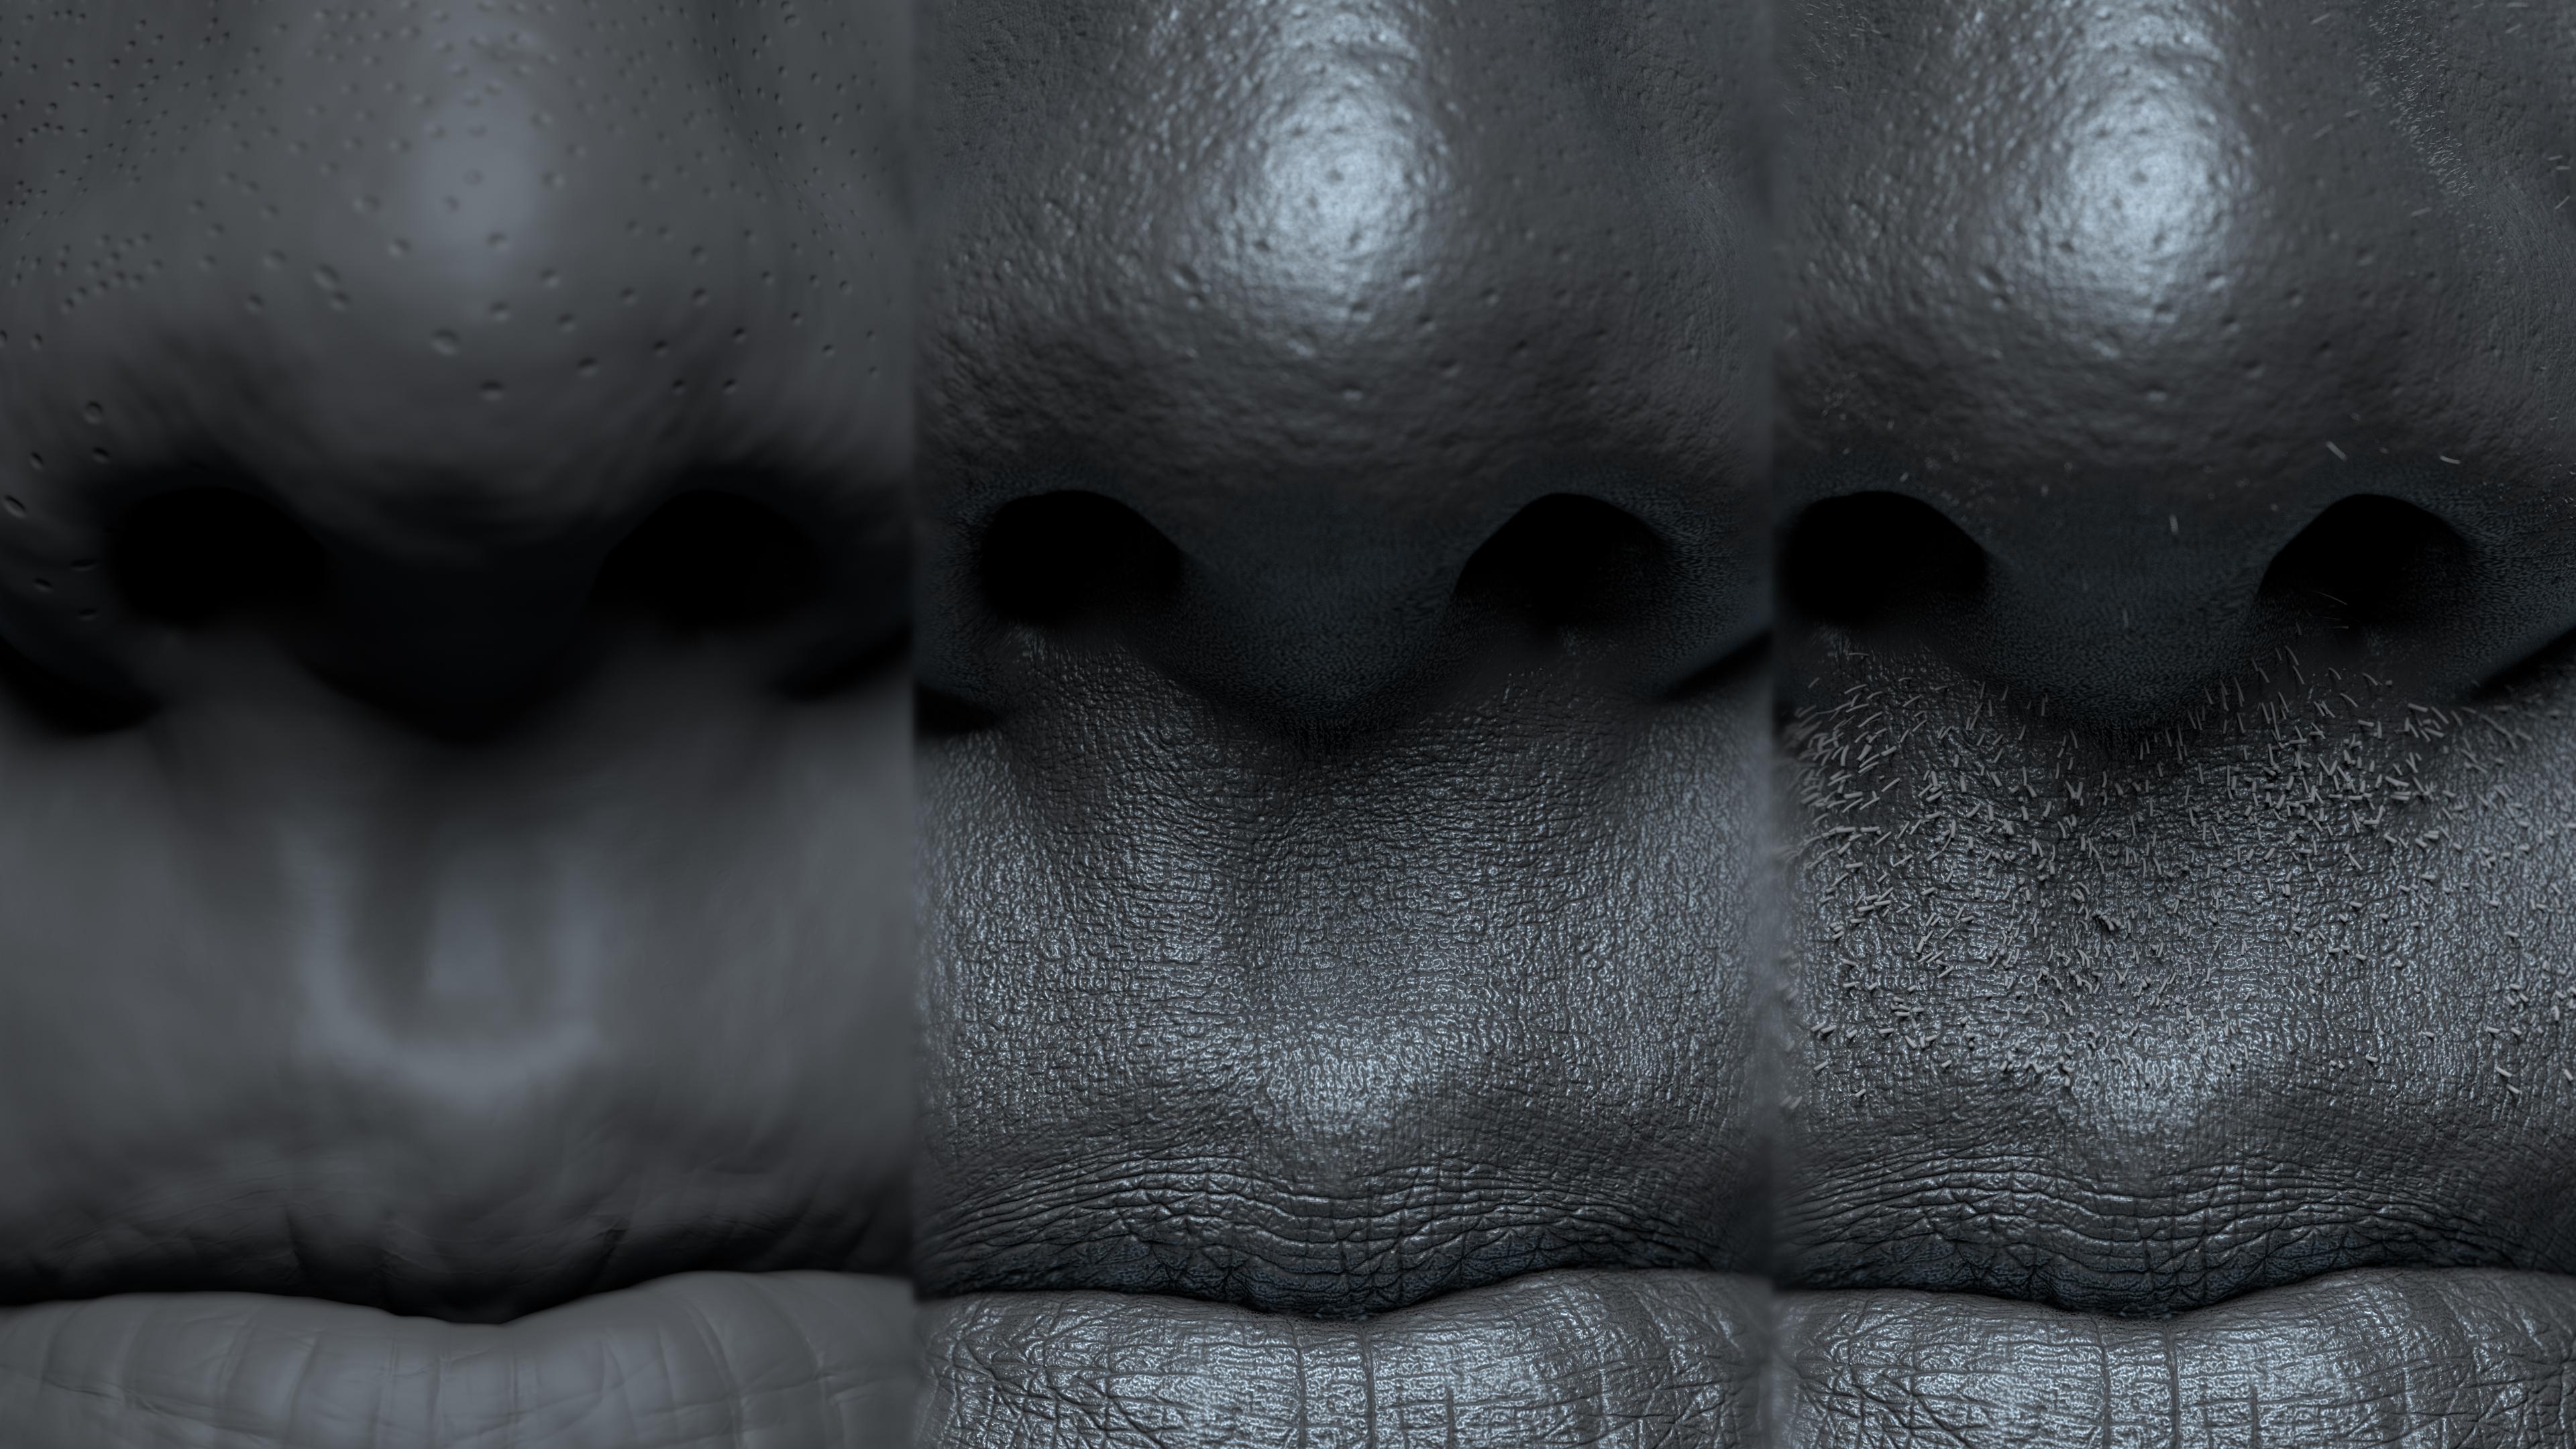 Face-right_Vergleich_4K_transblur